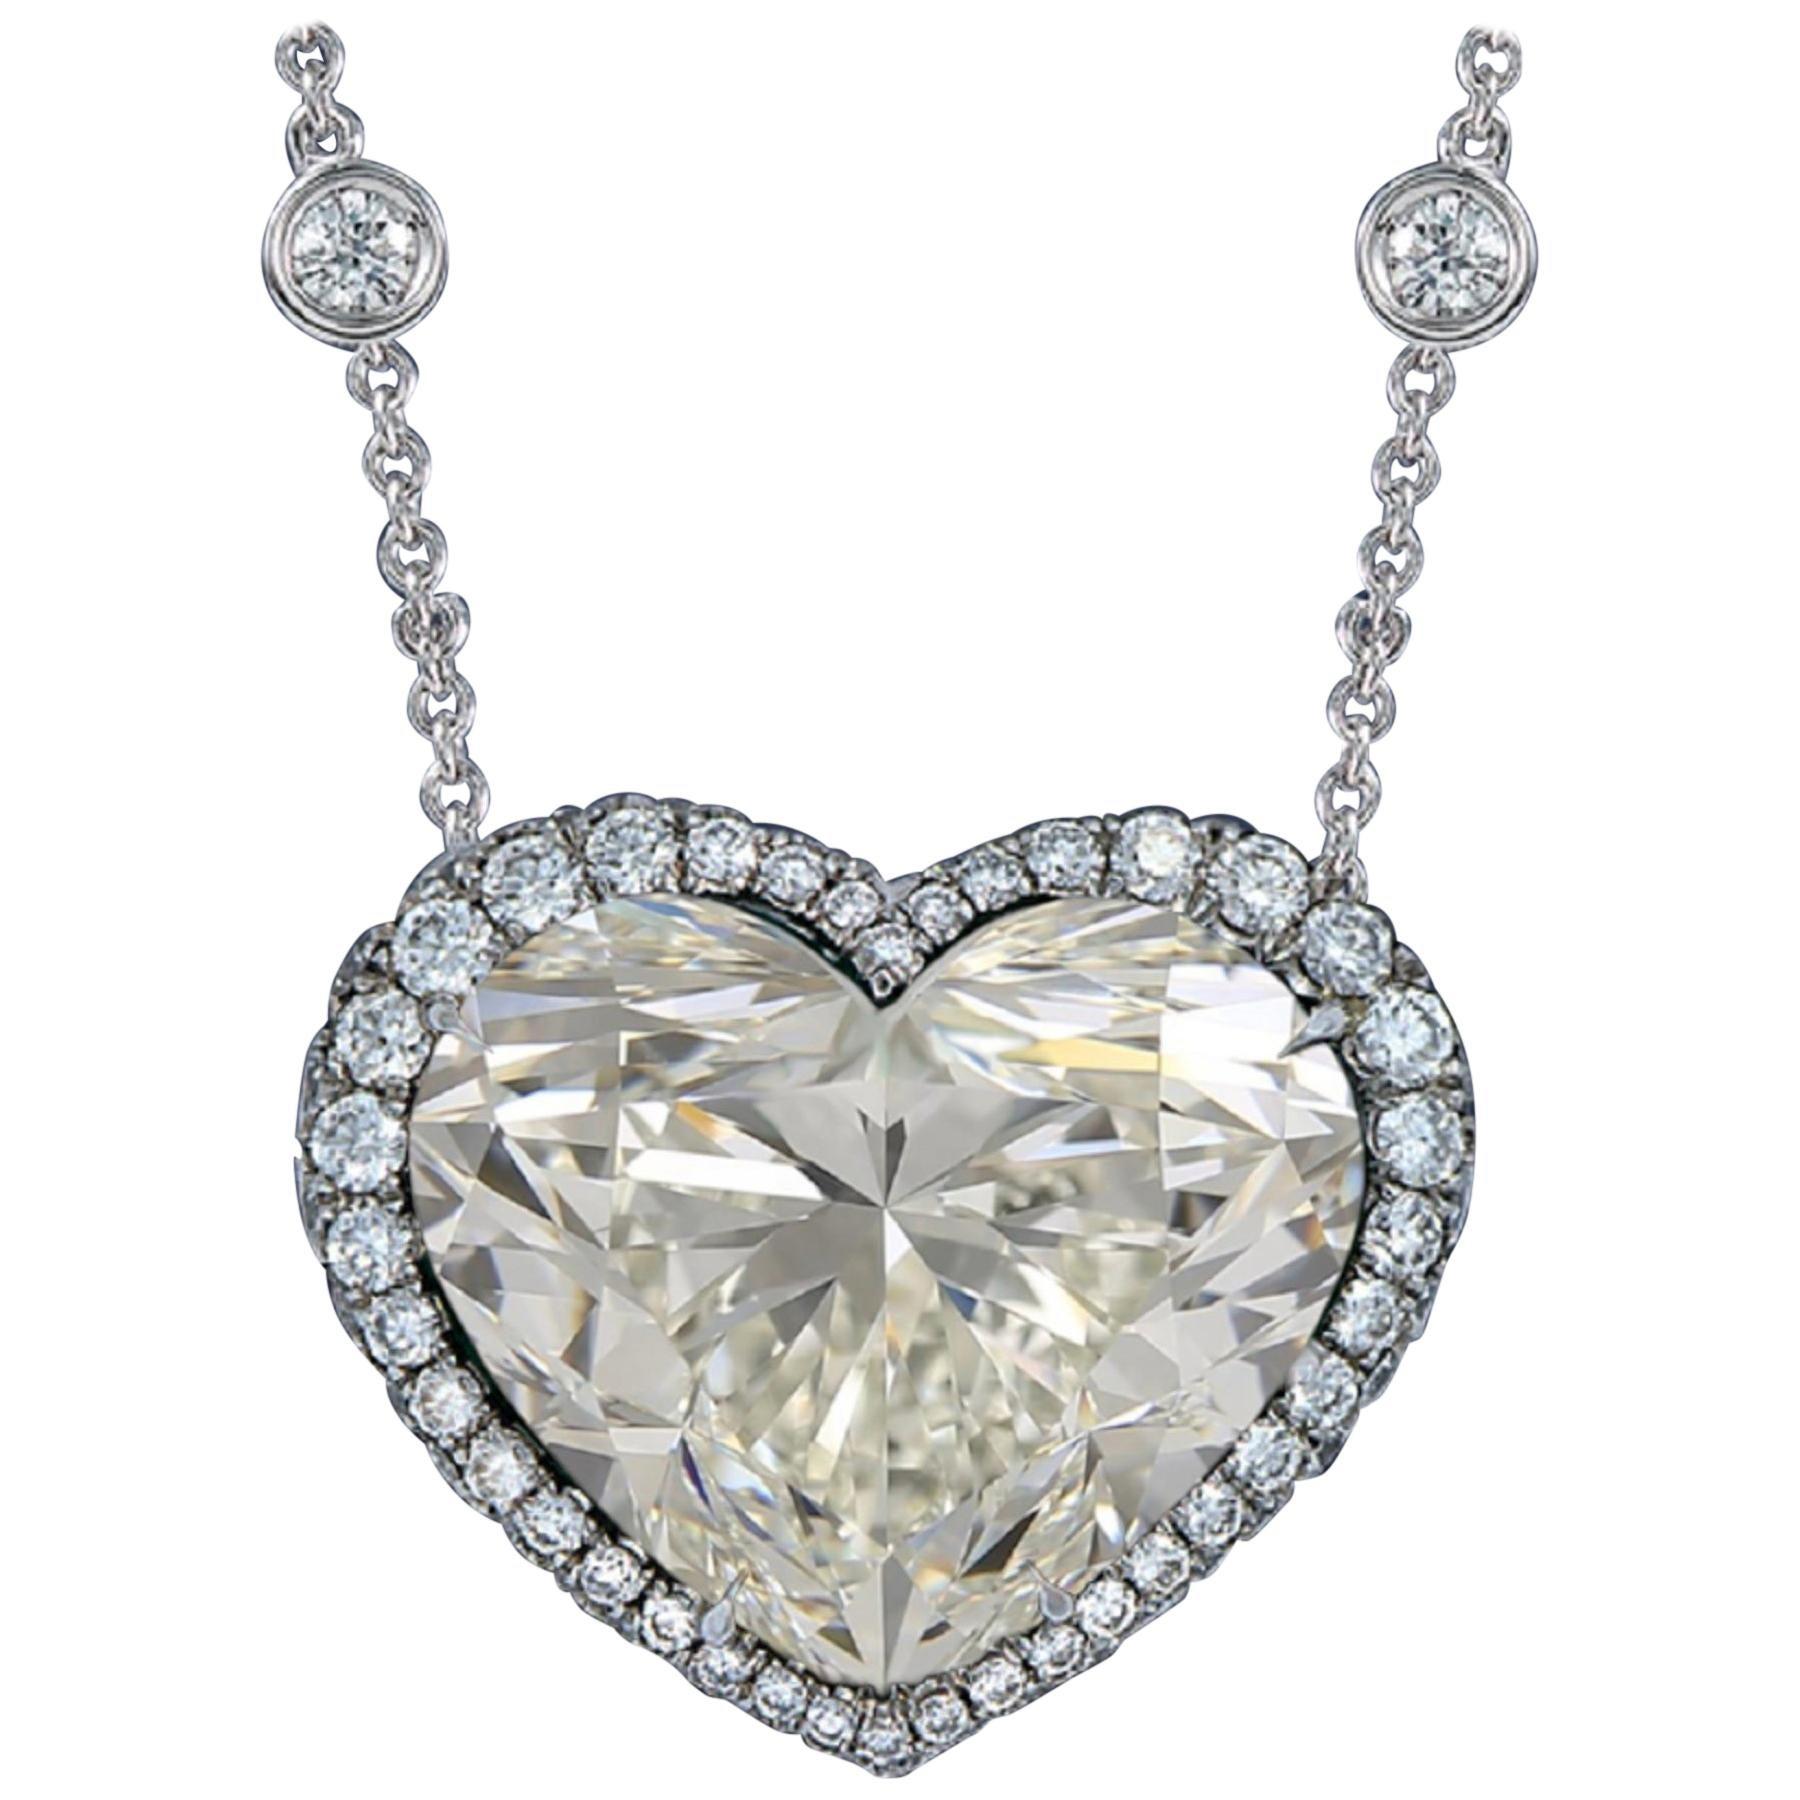 GIA Certified 12 Carat Heart Shape Diamond Pendant Platinum Necklace